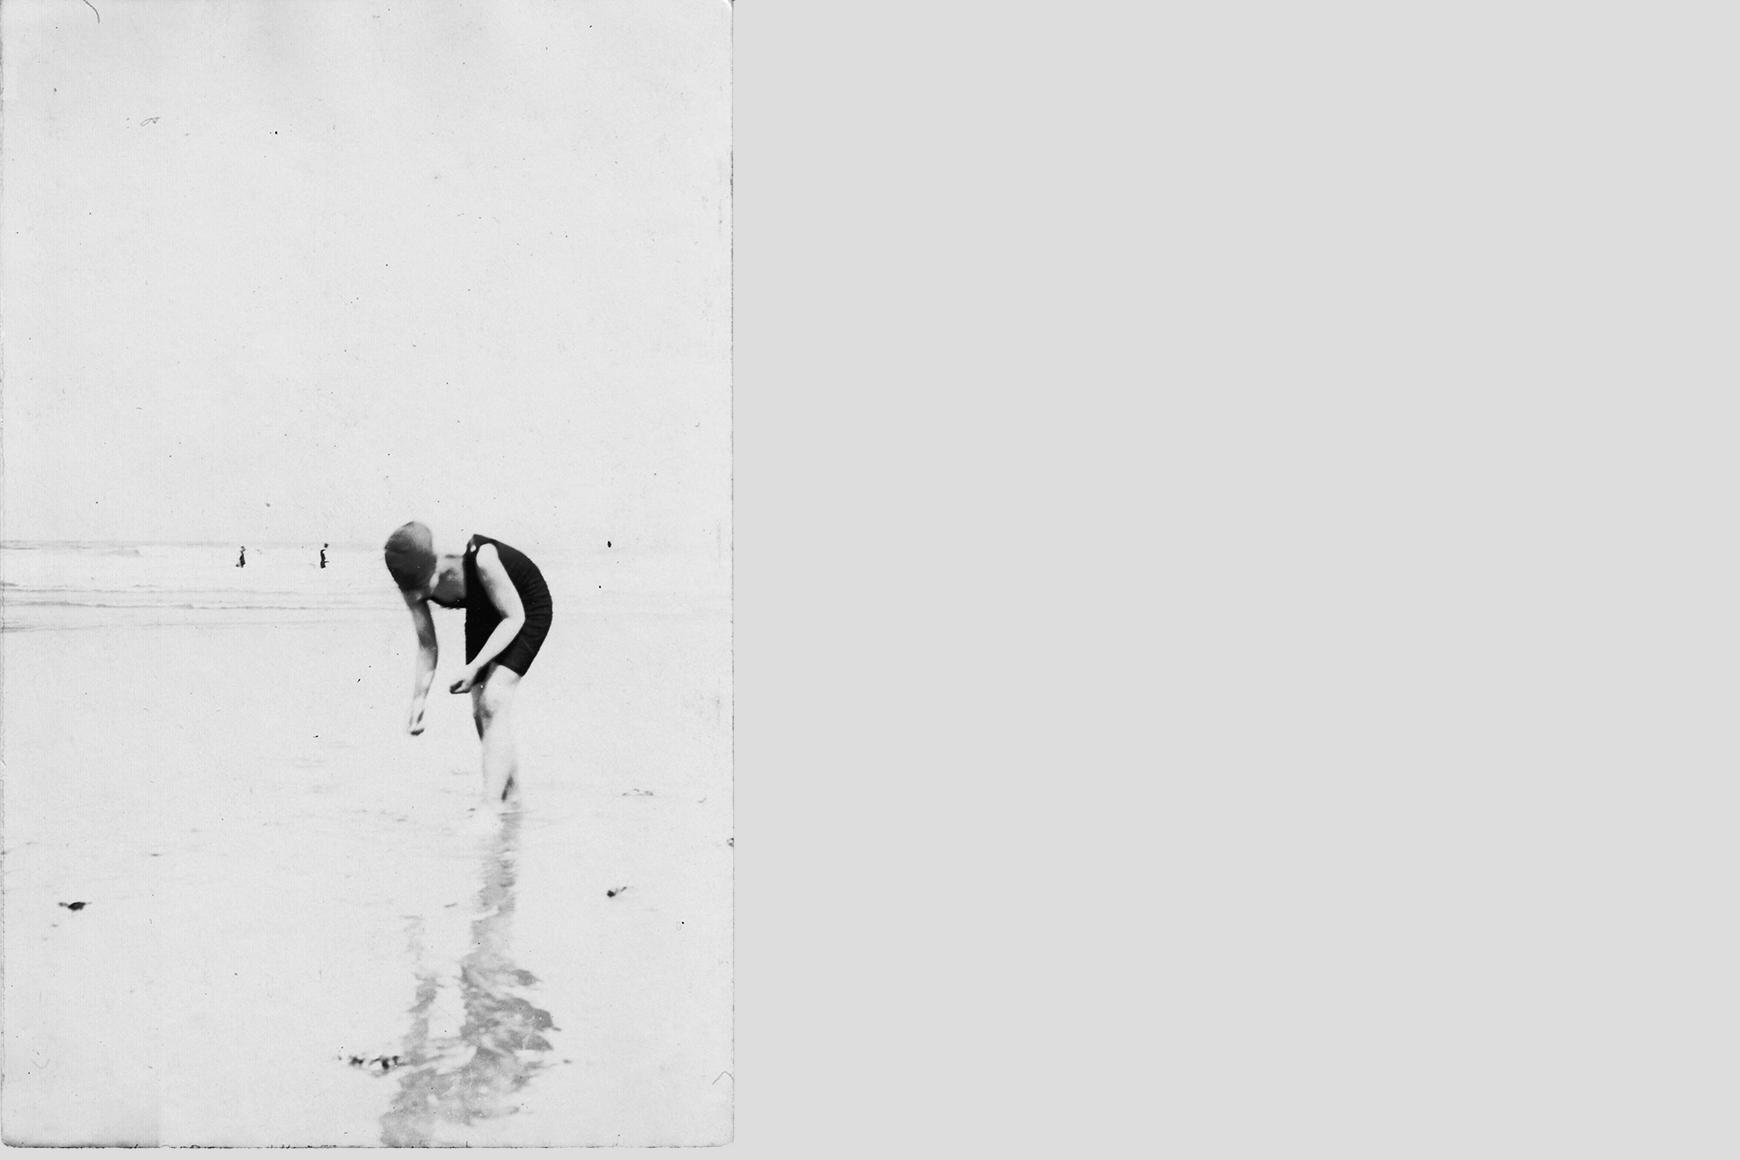 Fotograaf onbekend, België ca 1920 / Collectie Margit Willem